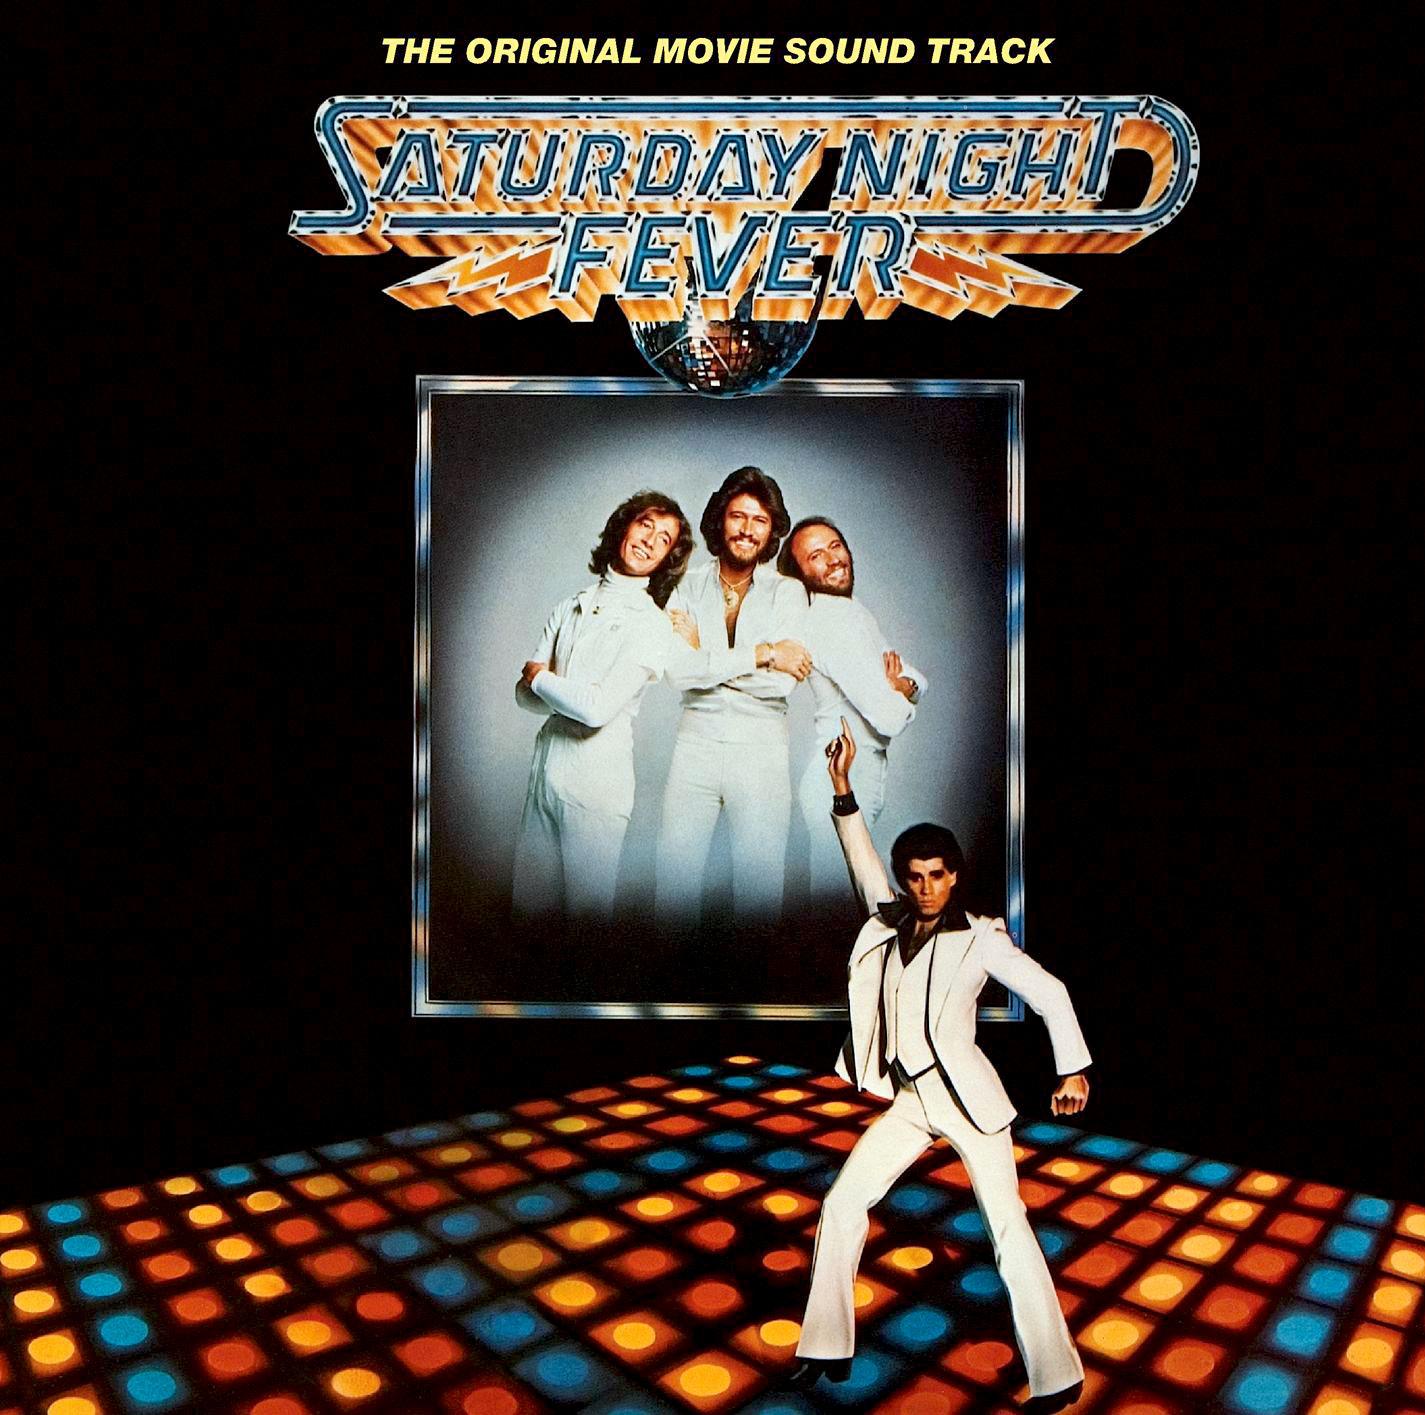 SATURDAY NIGHT FEVER (The Album)